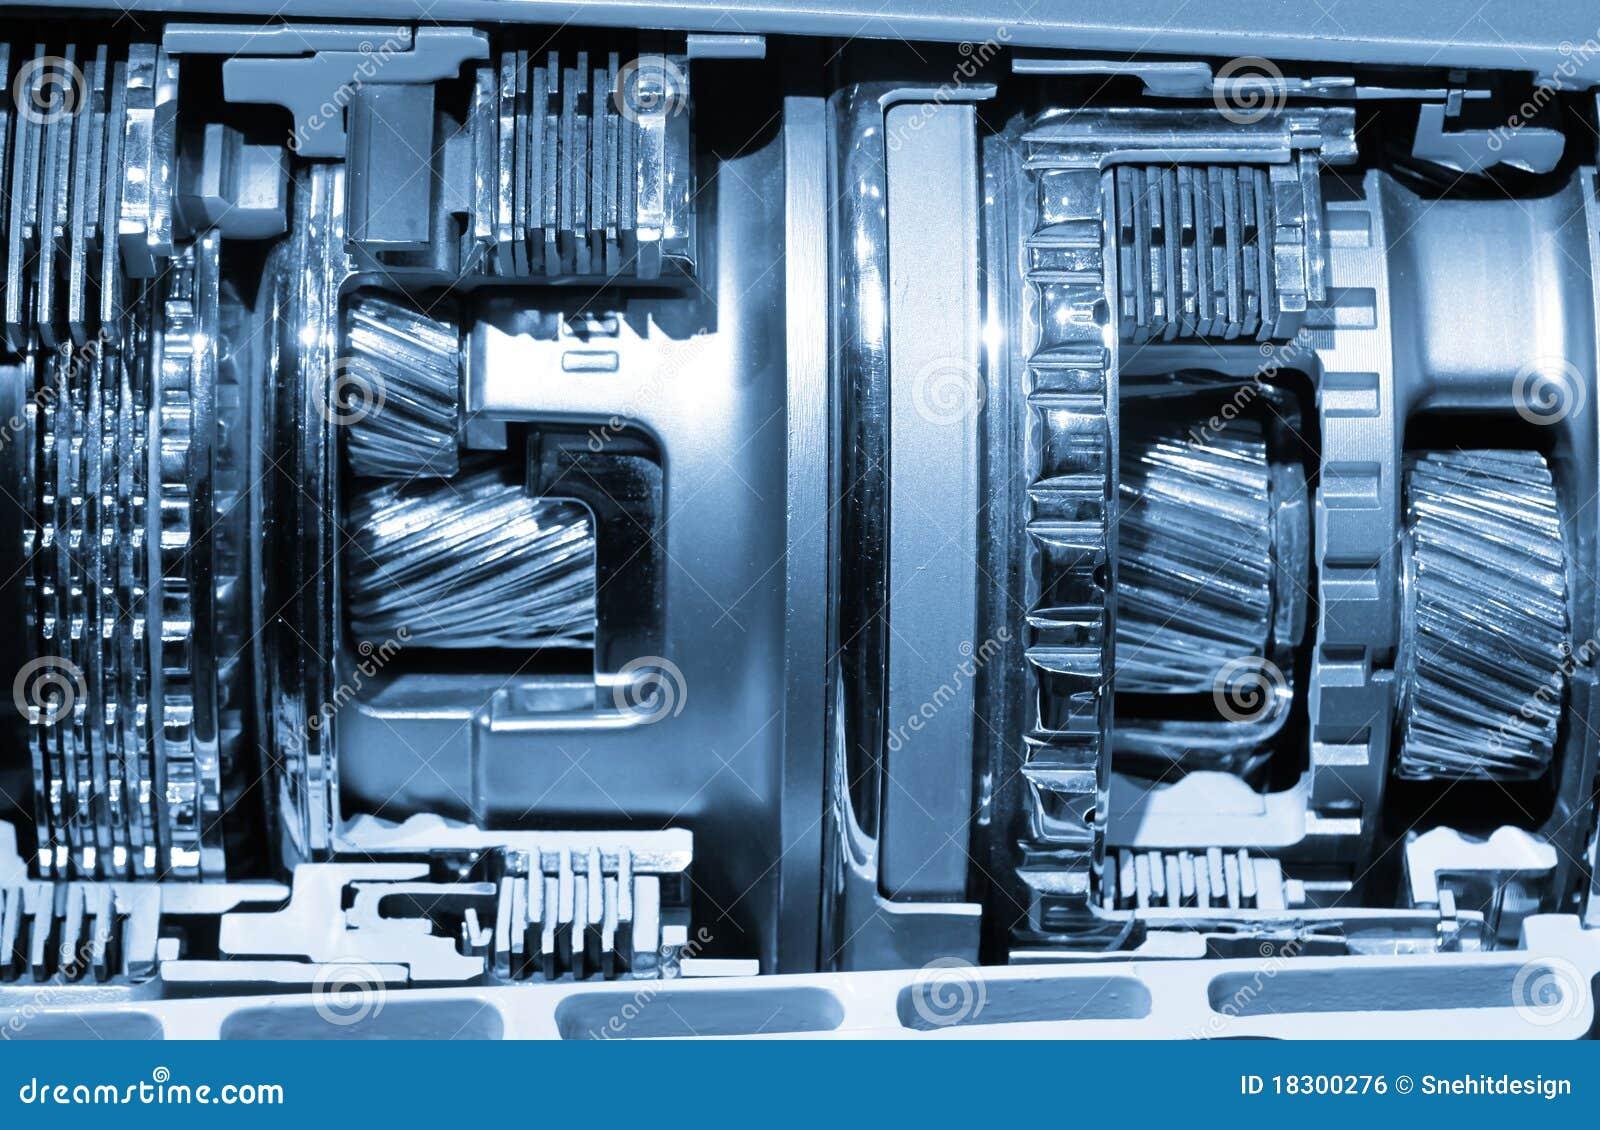 automotive transmission royalty free stock image